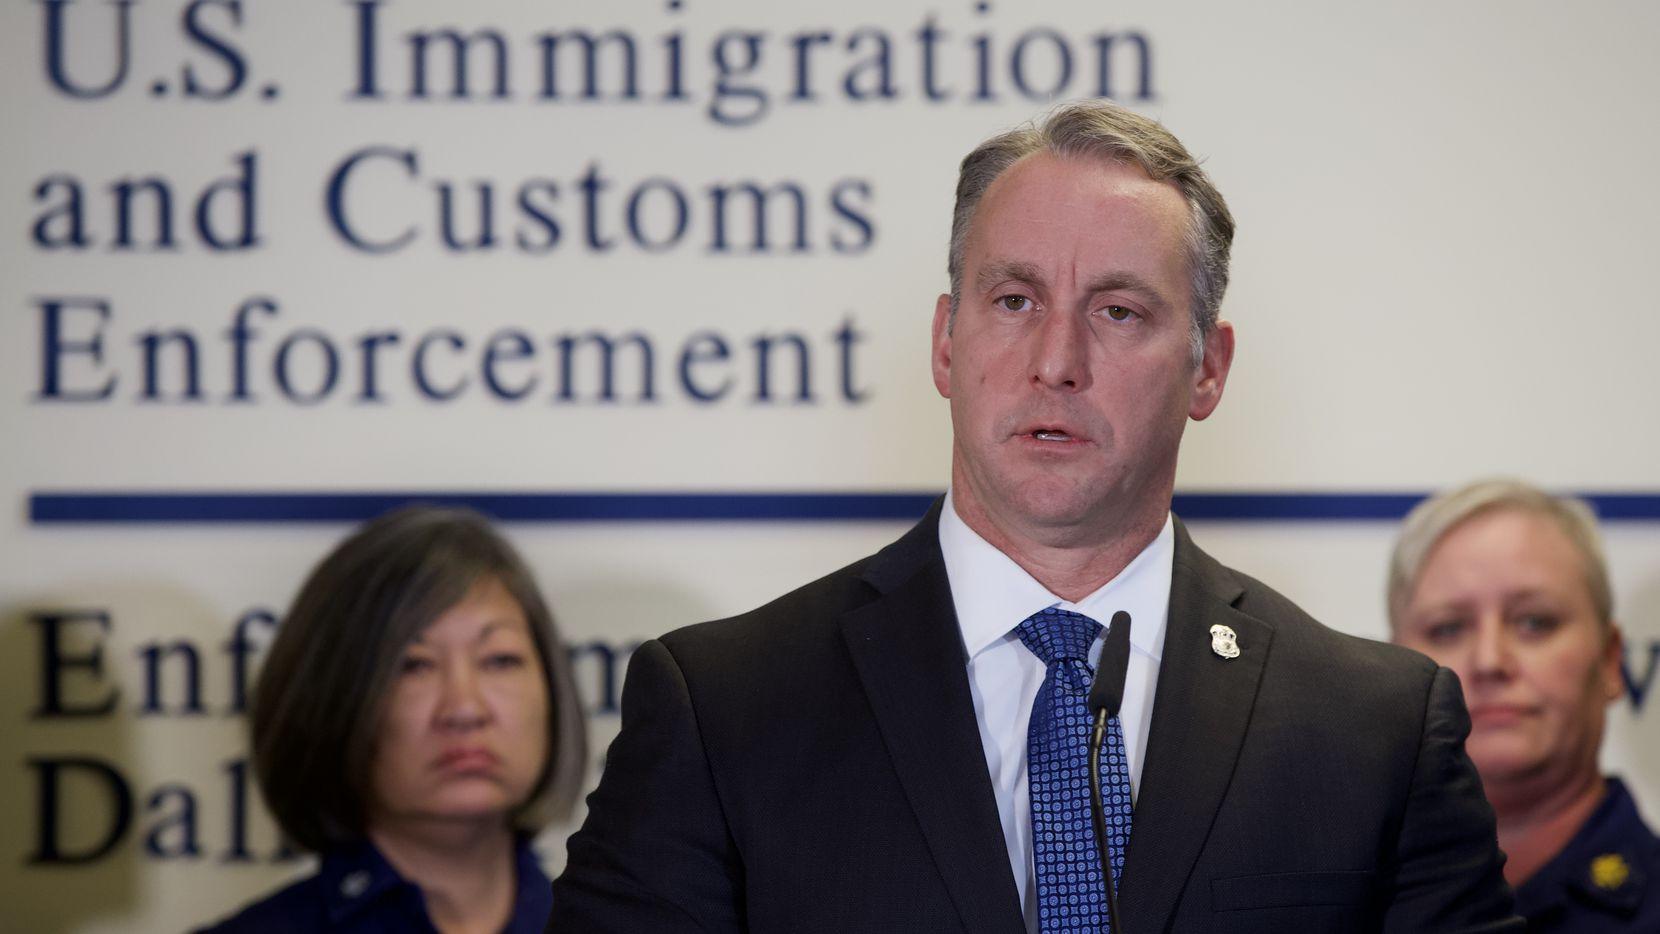 El director encargado de ICE, Matthew Albence dijo que las detenciones de indocumentados han disminuido a nivel nacional, entre otros motivos, debido a varias ciudades que se rehúsan a cooperar con ICE.